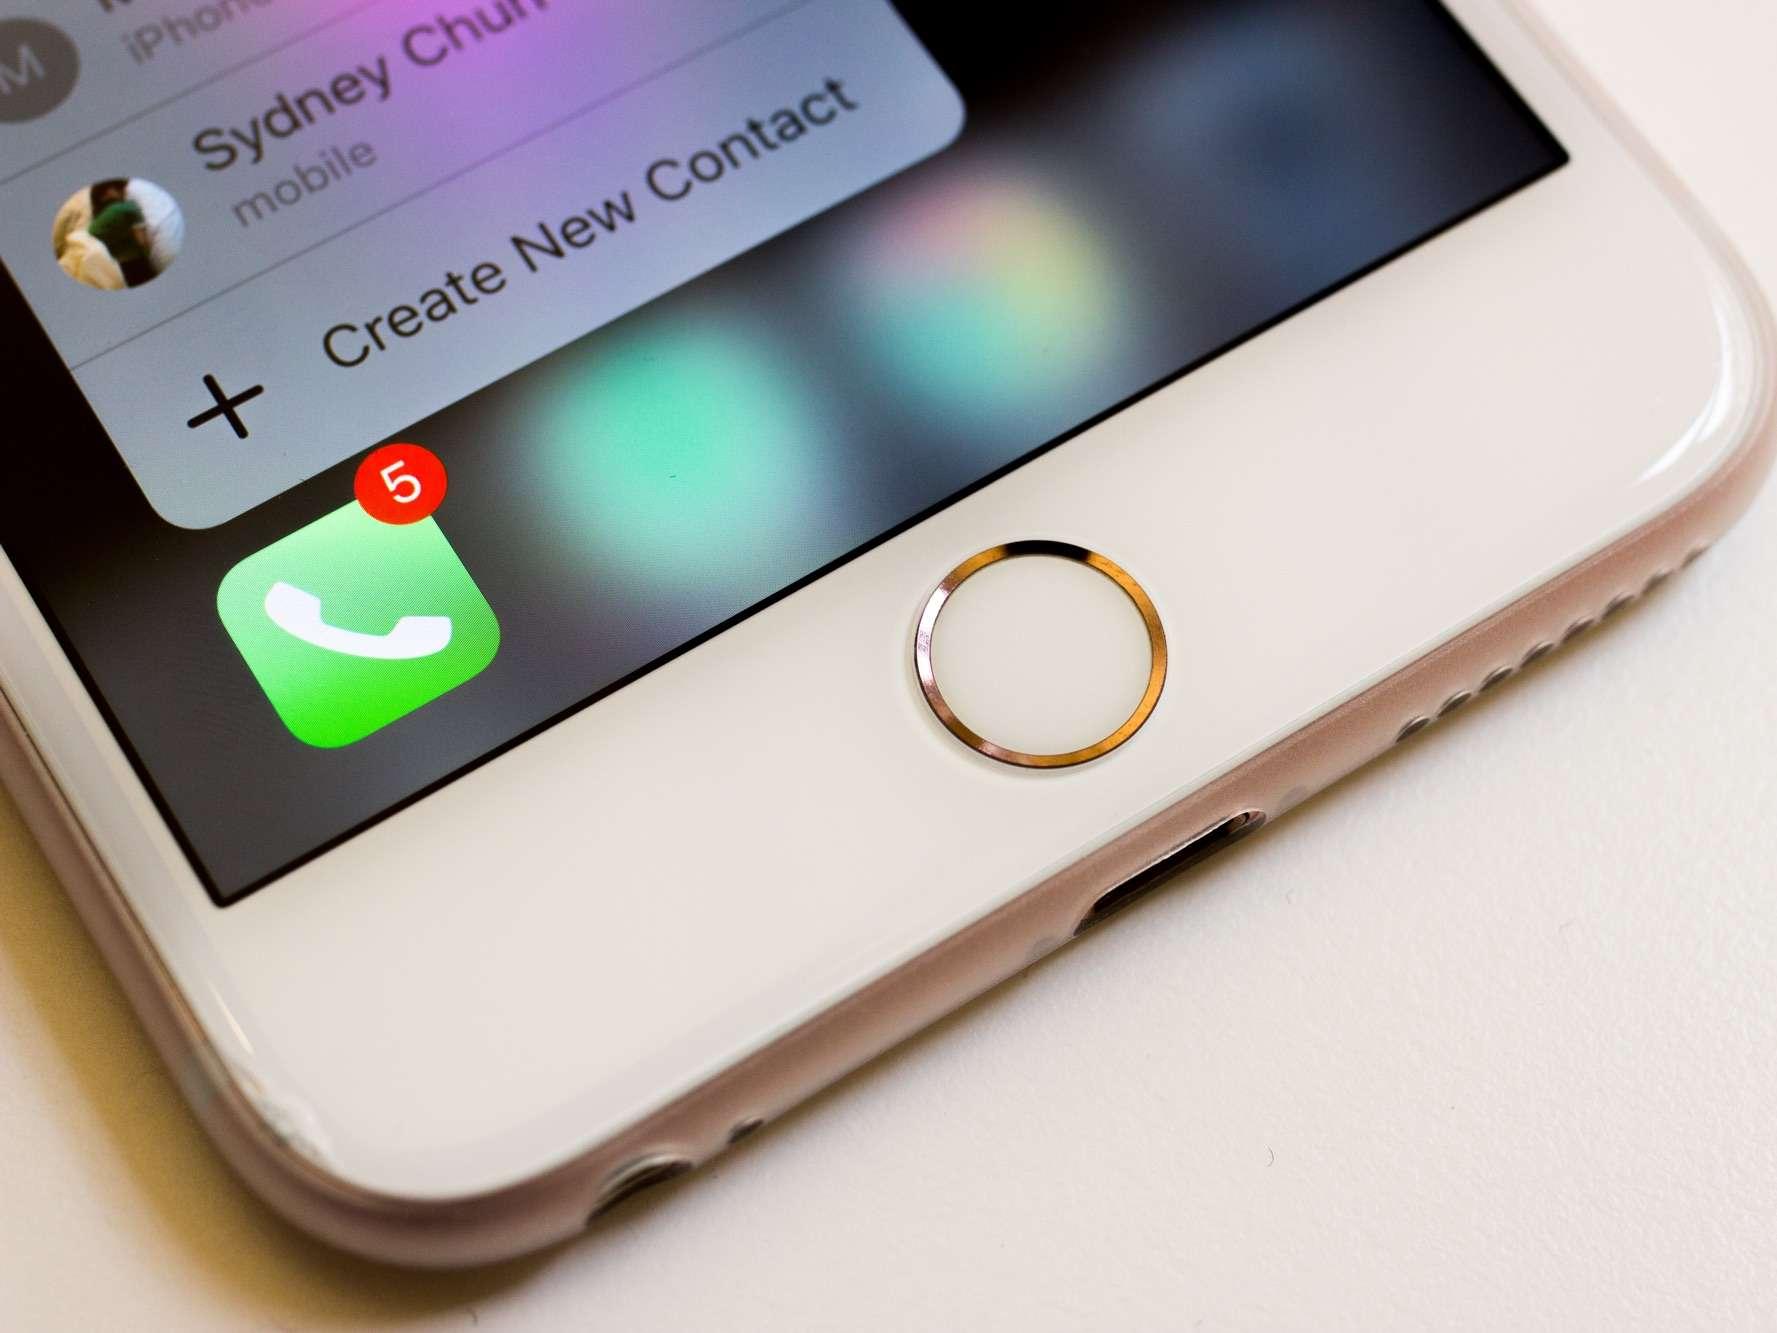 Tasto Home rotto del vostro iPhone? vediamo nella nostra guida come aggiustarlo e le migliori soluzioni temporanee